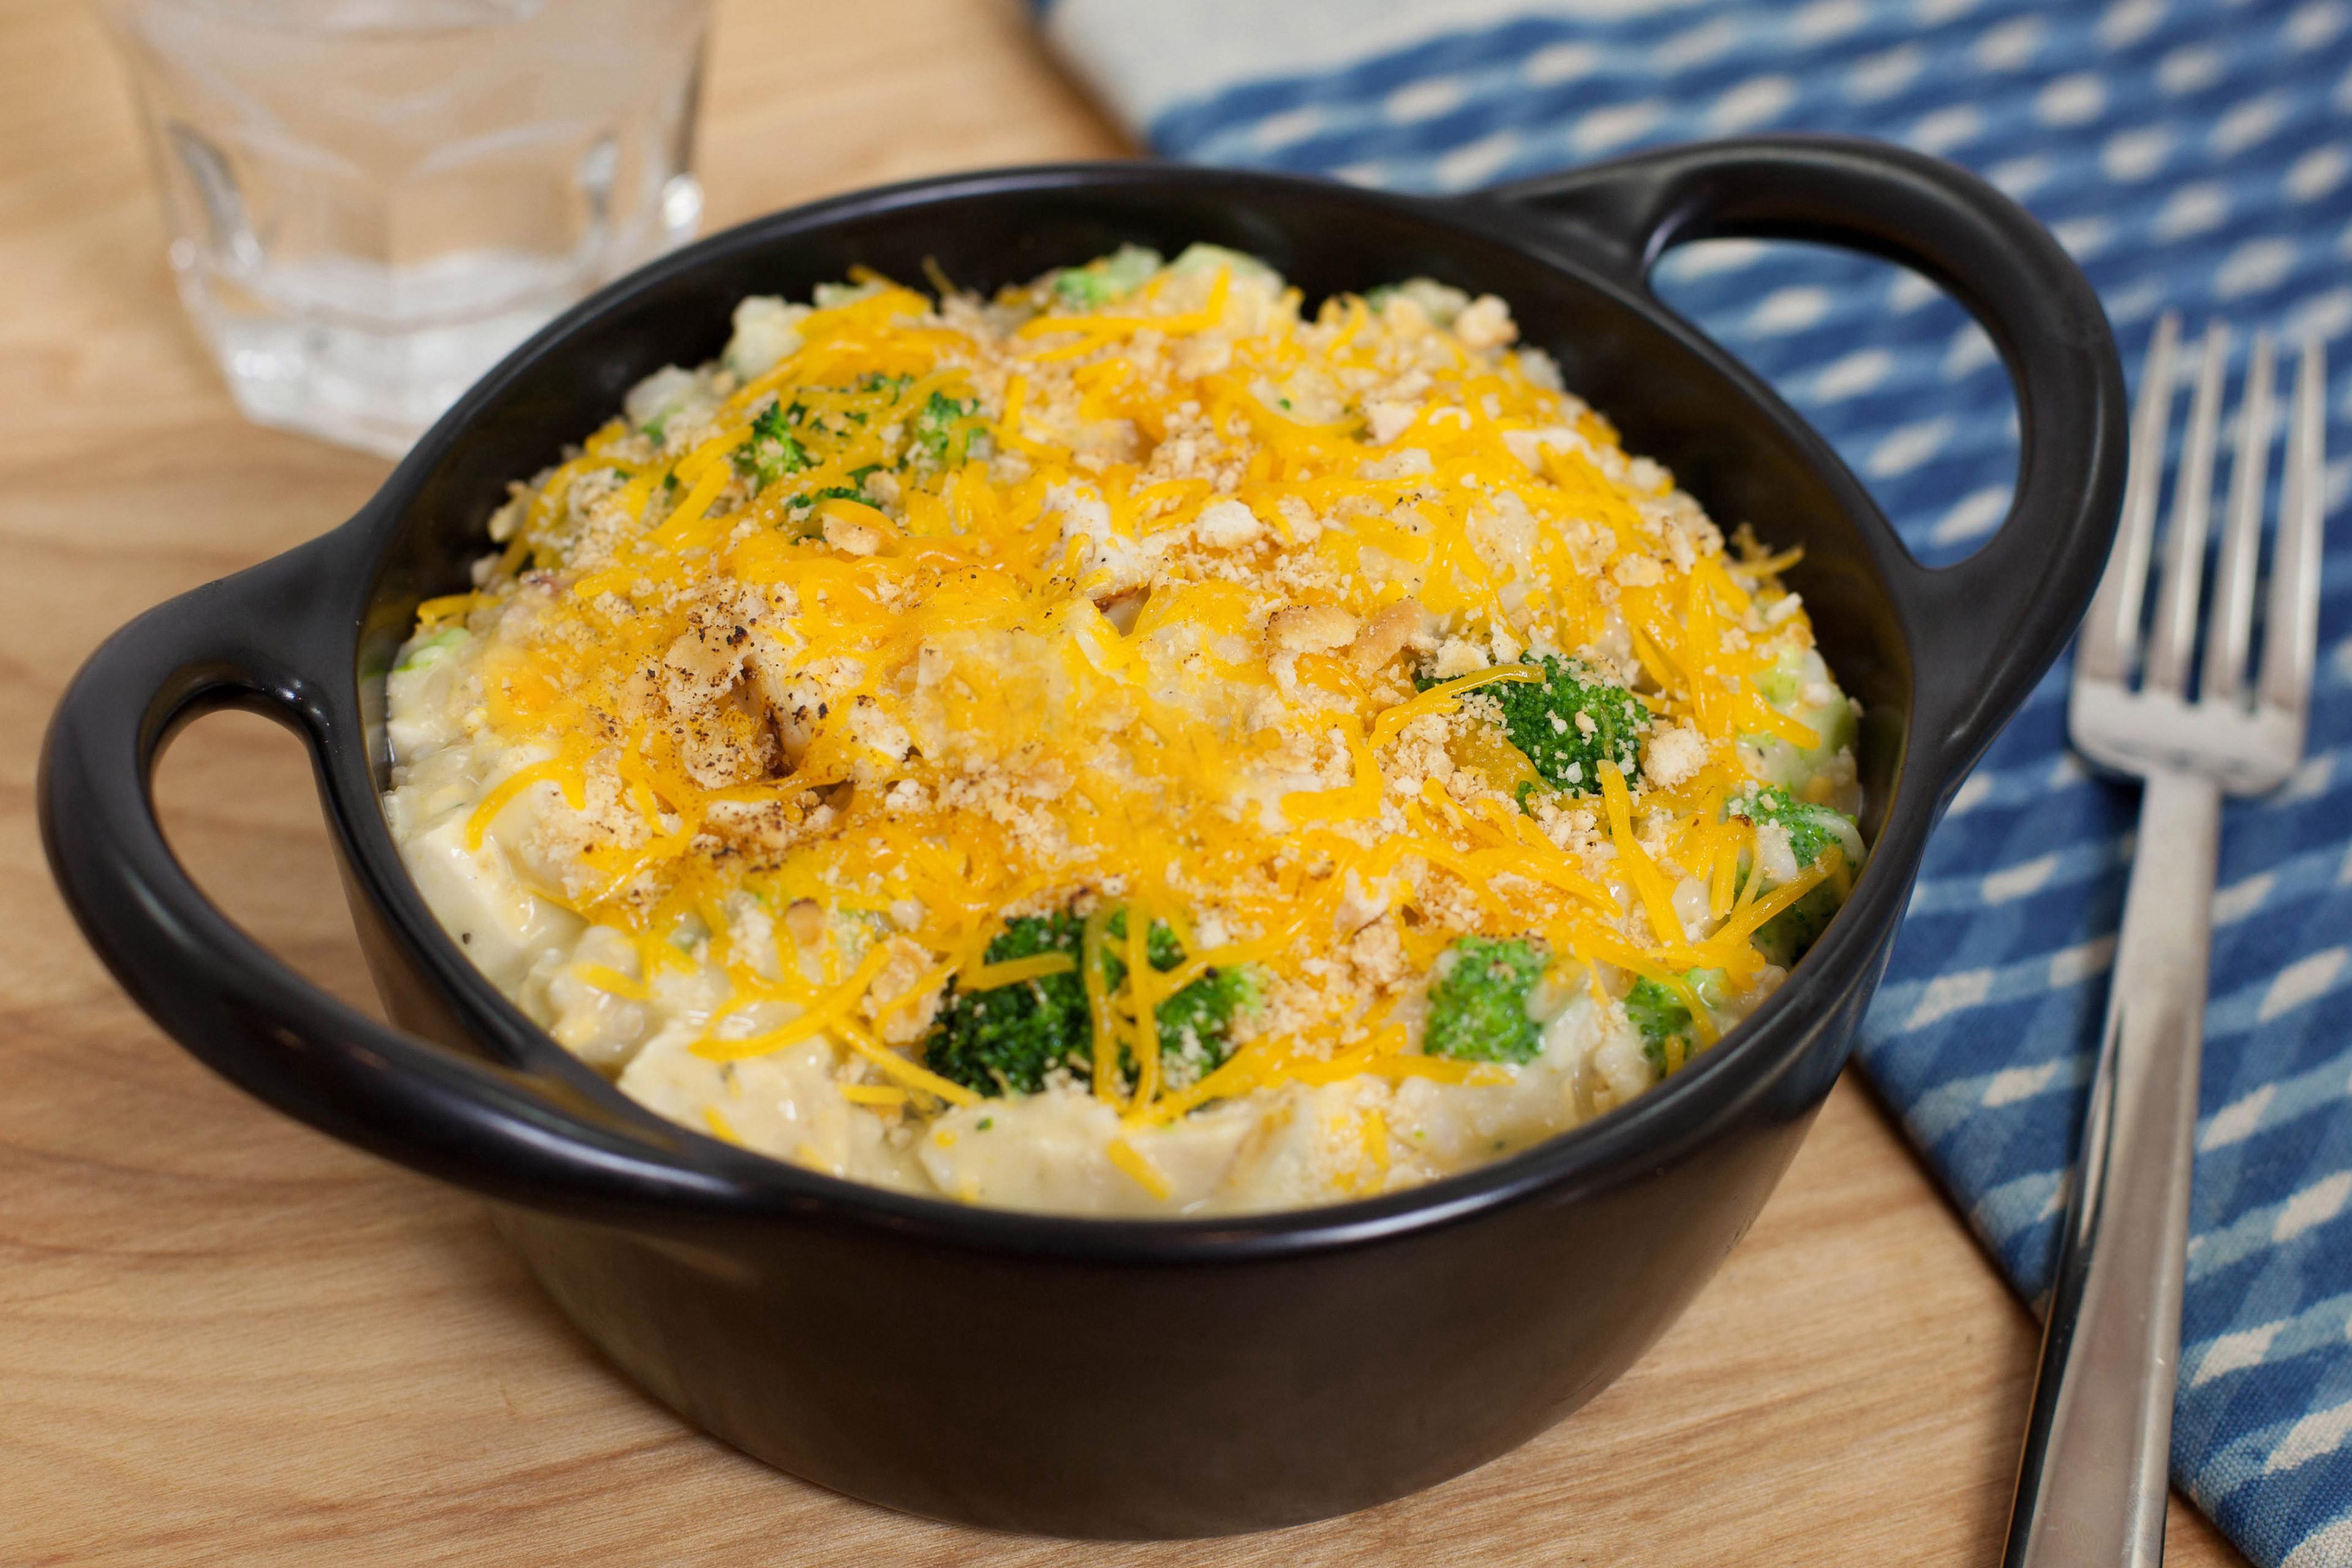 Broccoli Cheese Rice  Chicken Broccoli Rice & Cheese Recipe